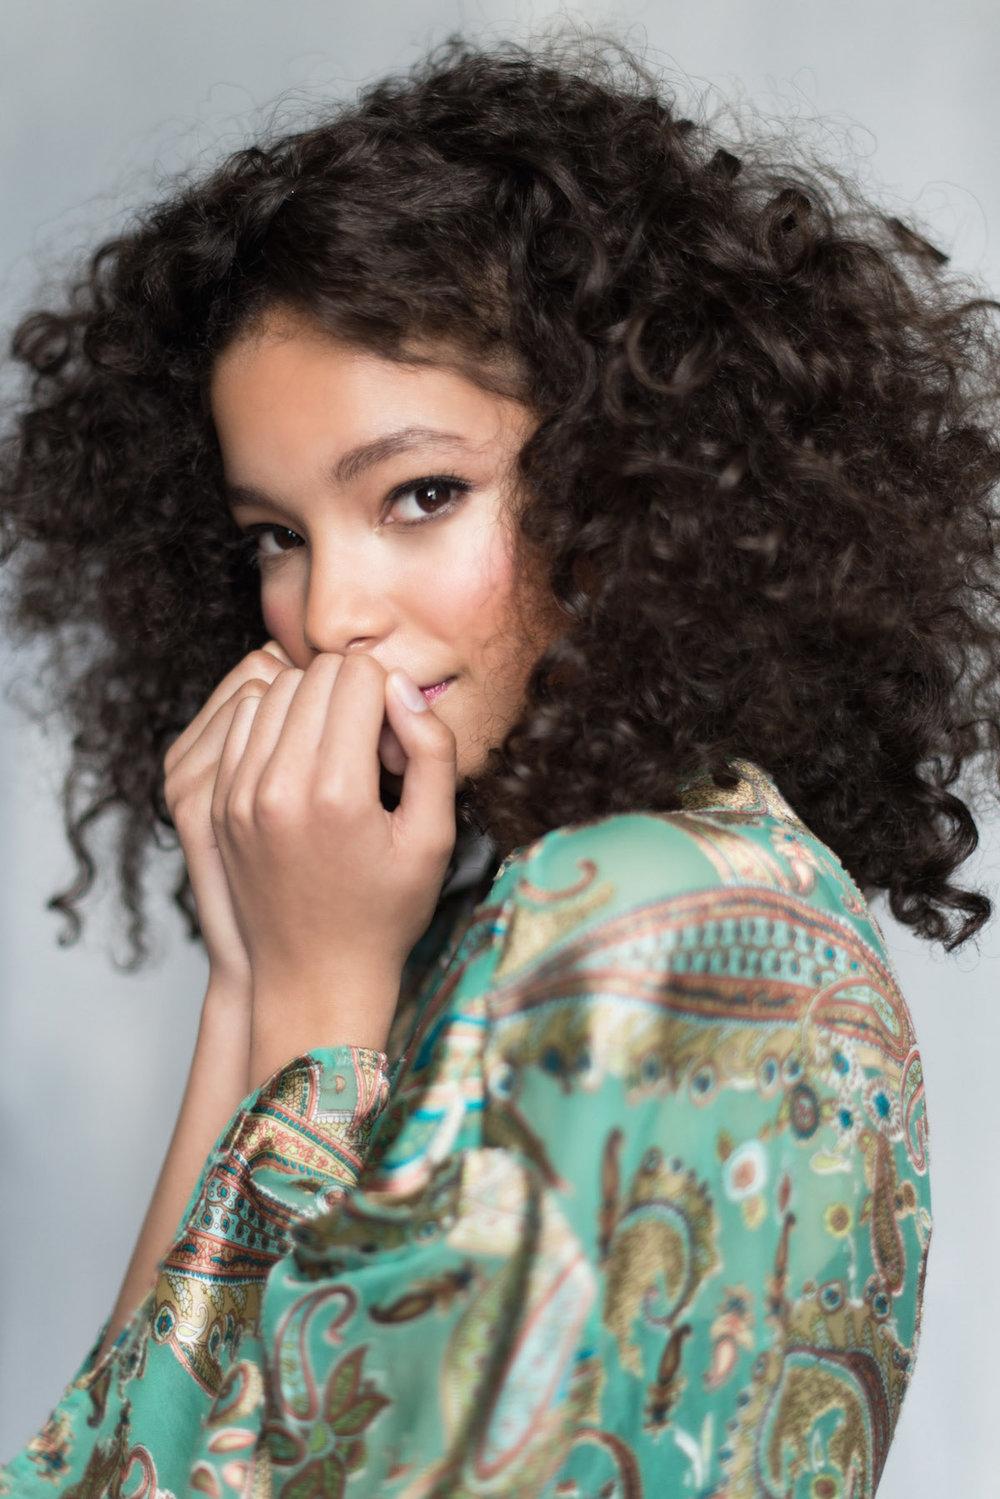 13.Whitney-Heard-Creative-Maya-Duyen20.jpg